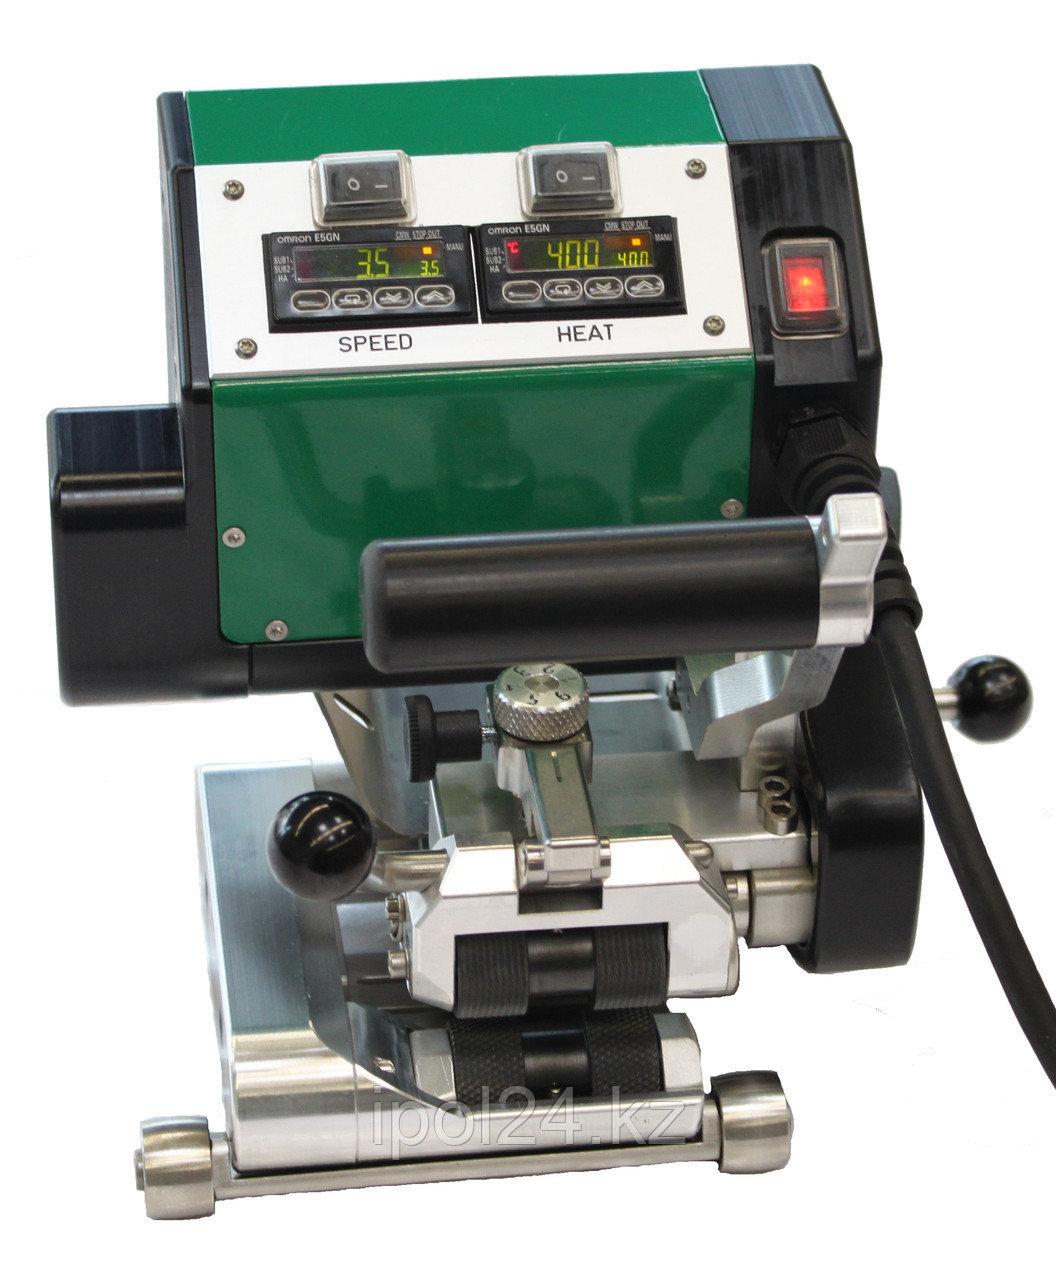 MION S атоматический сварочный автомат, 230 В, 800 Вт, 1000Н, с функцией записи сварочных параметров: давления, температуры и скорости, с проверочным